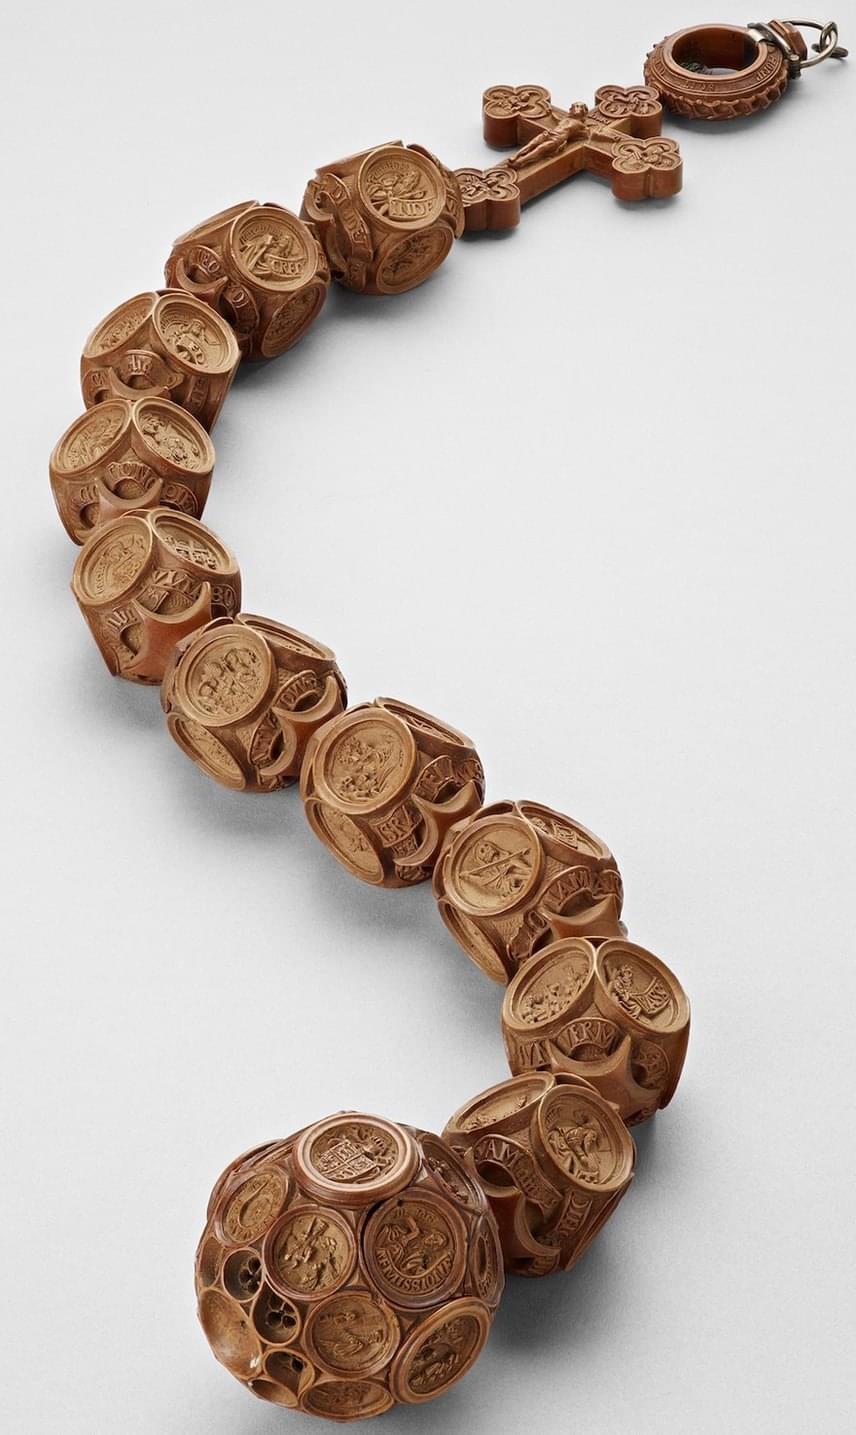 Az 500 éves miniatúra puszpángfaragványok titkára máig sem derült fény. Az emberi szem nem képes elemezni és befogadni az apró részleteket, de még a fejlett technológiával sem lehet kideríteni, pontosan hogyan, mikor, miért és kik készítették.